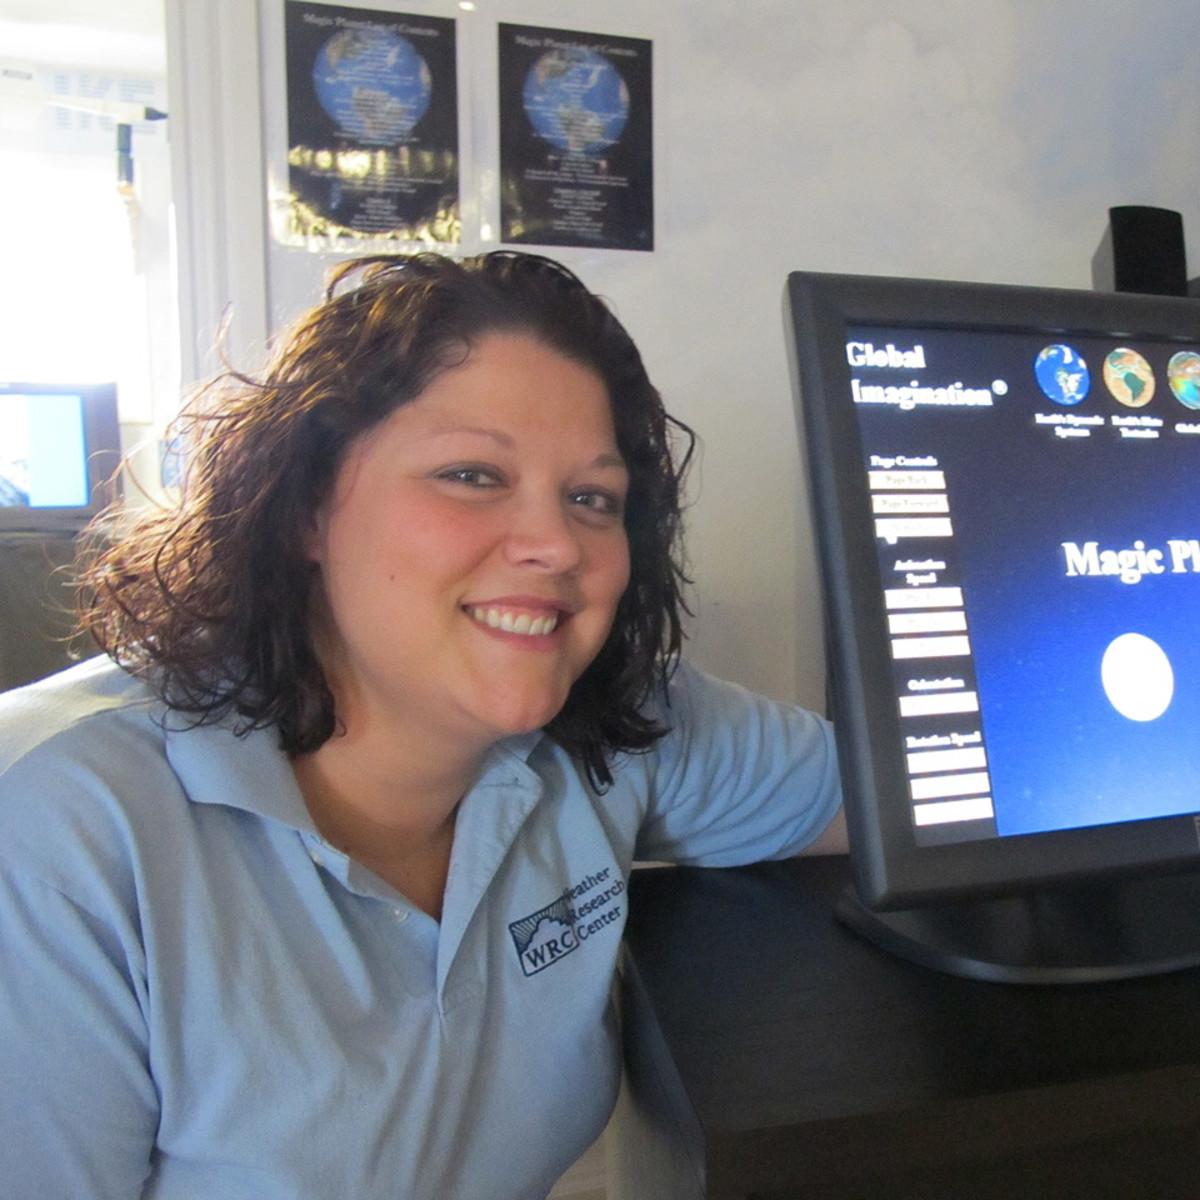 News_Katie_Weather Museum_Executive Director_Meteorologist_Maureen Maiuri_in her favorite room in the Weather Museum_The Weather Sphere